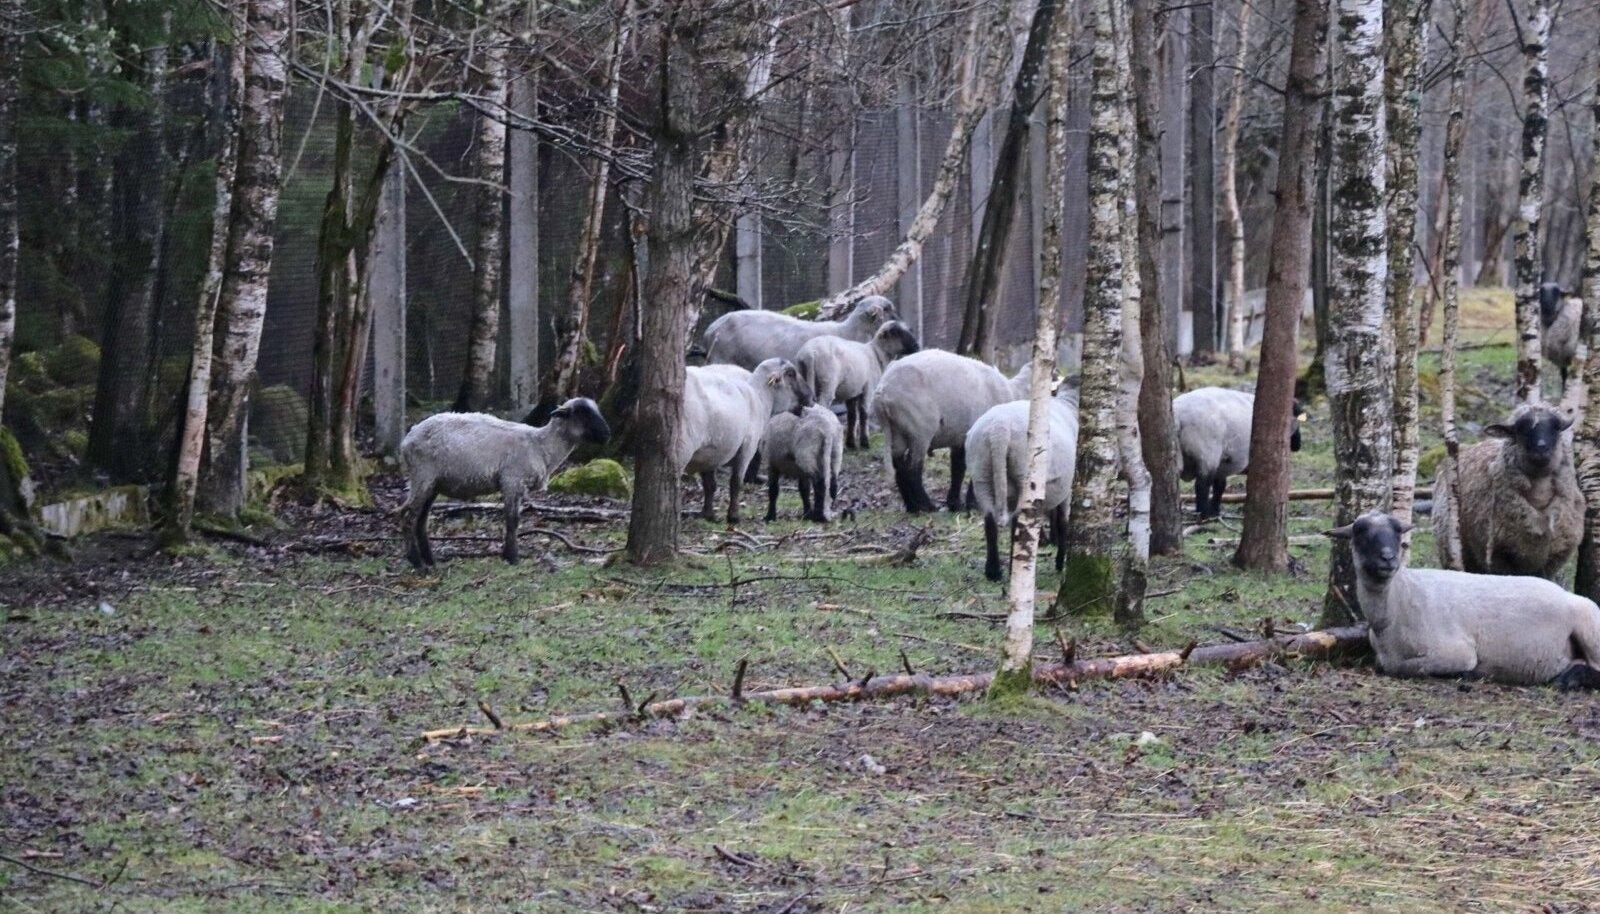 Eesti Energia juhile ja Eesti ühele suuremale lambakasvatajale Hando Sutterile kuuluvates AS-is Saaremaa Ökoküla lammaste ja MTÜ-s Ökoabi šoti mägiveiste eest hoolt kandnud neli töötajat lahkusid päevapealt töölt.  Meie Maa